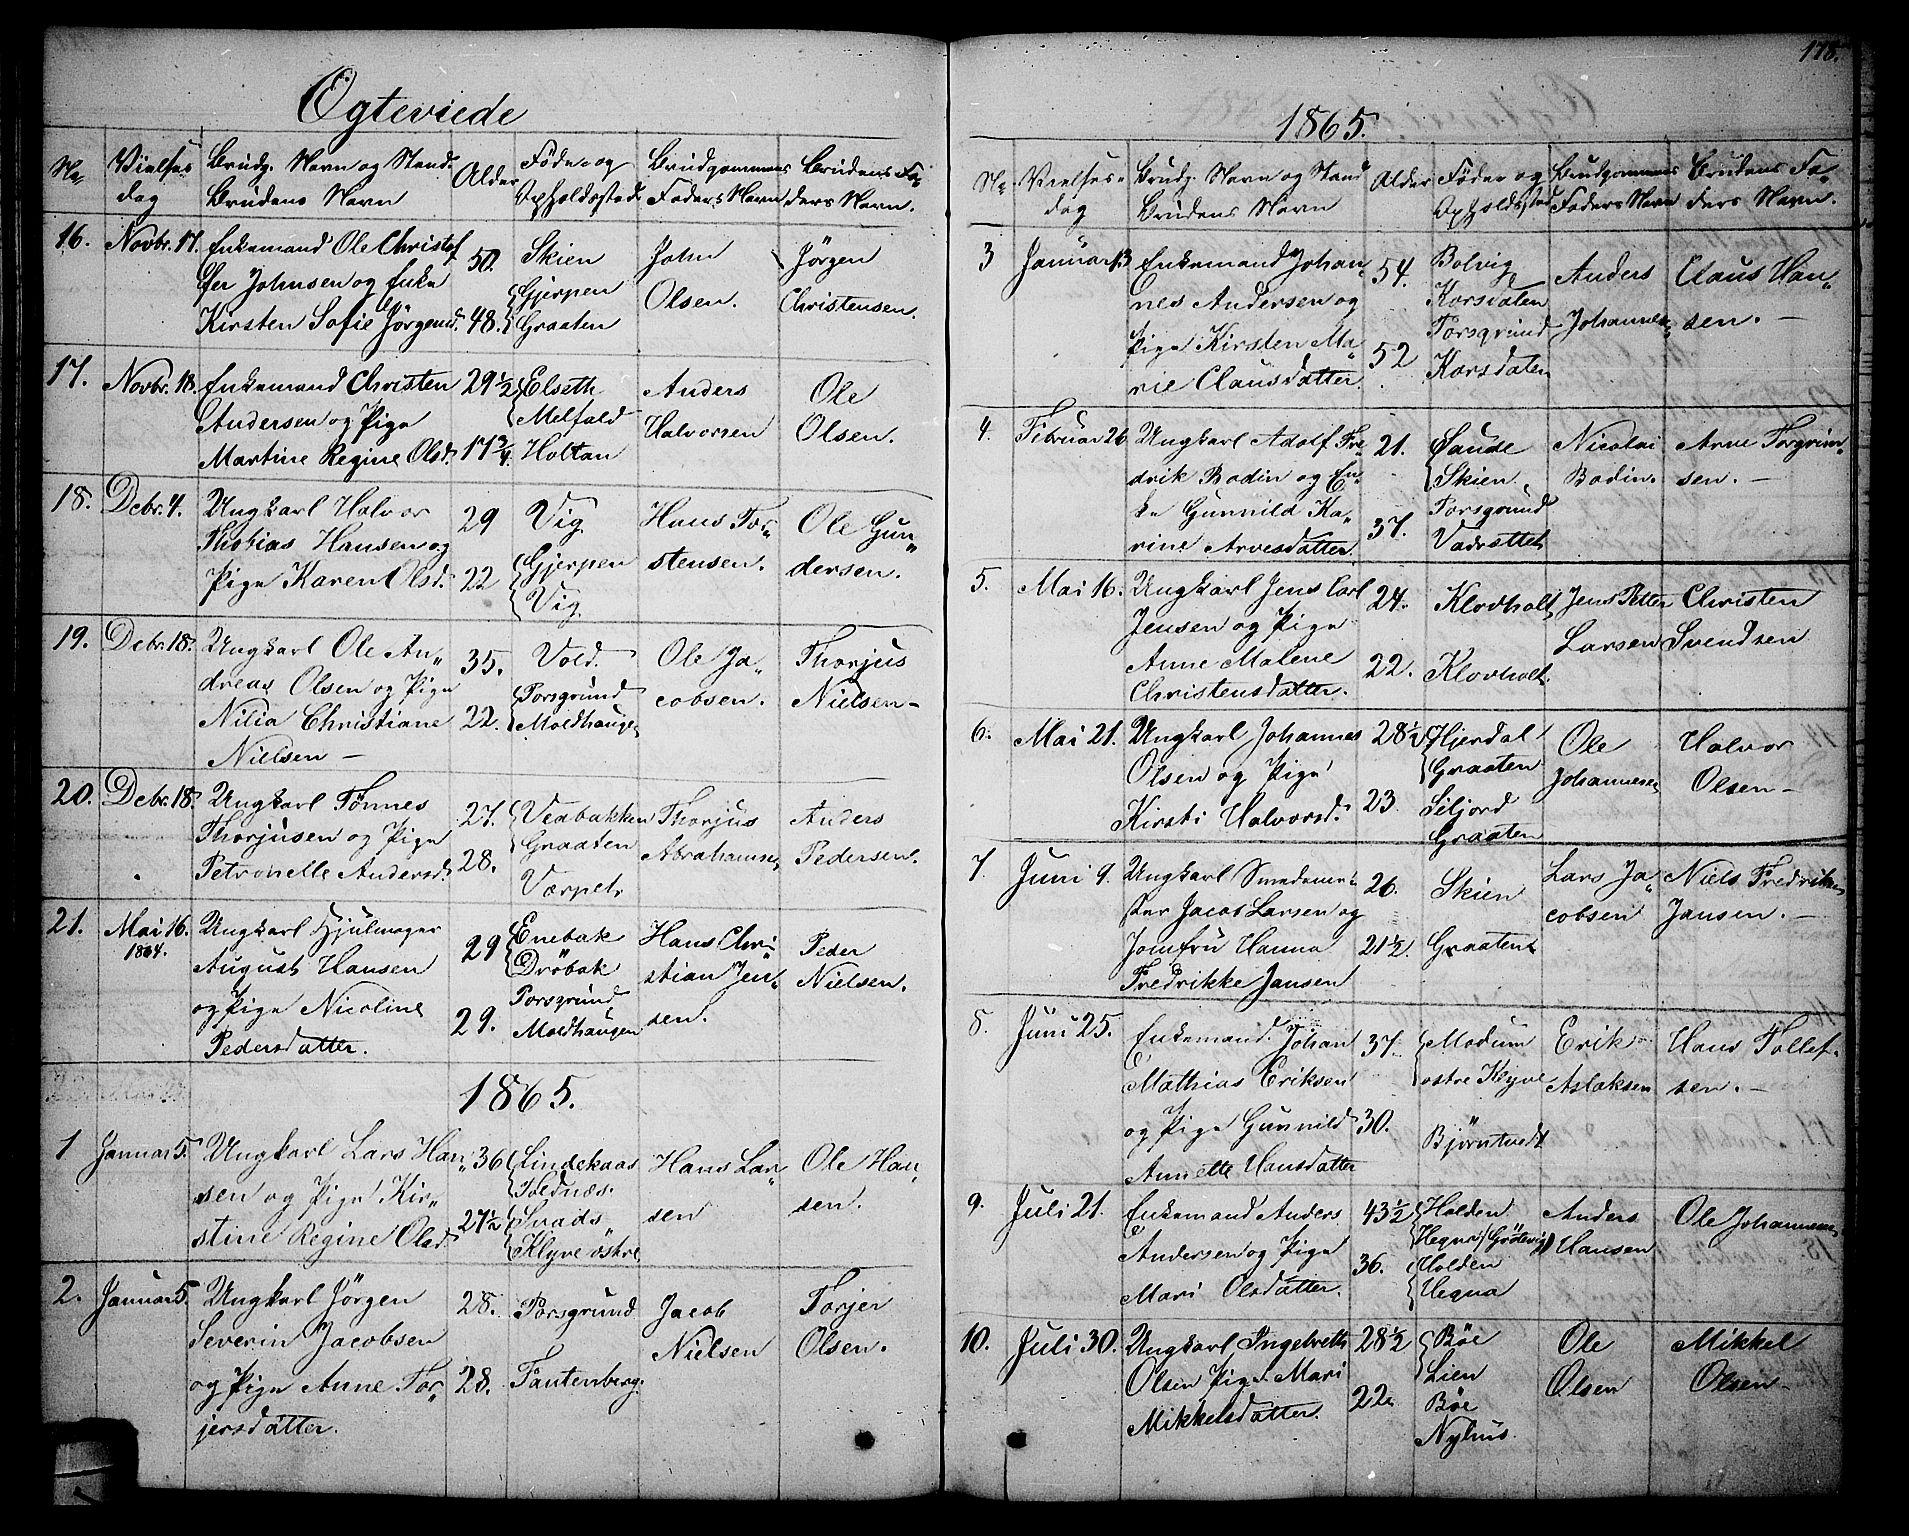 SAKO, Solum kirkebøker, G/Ga/L0004: Klokkerbok nr. I 4, 1859-1876, s. 178